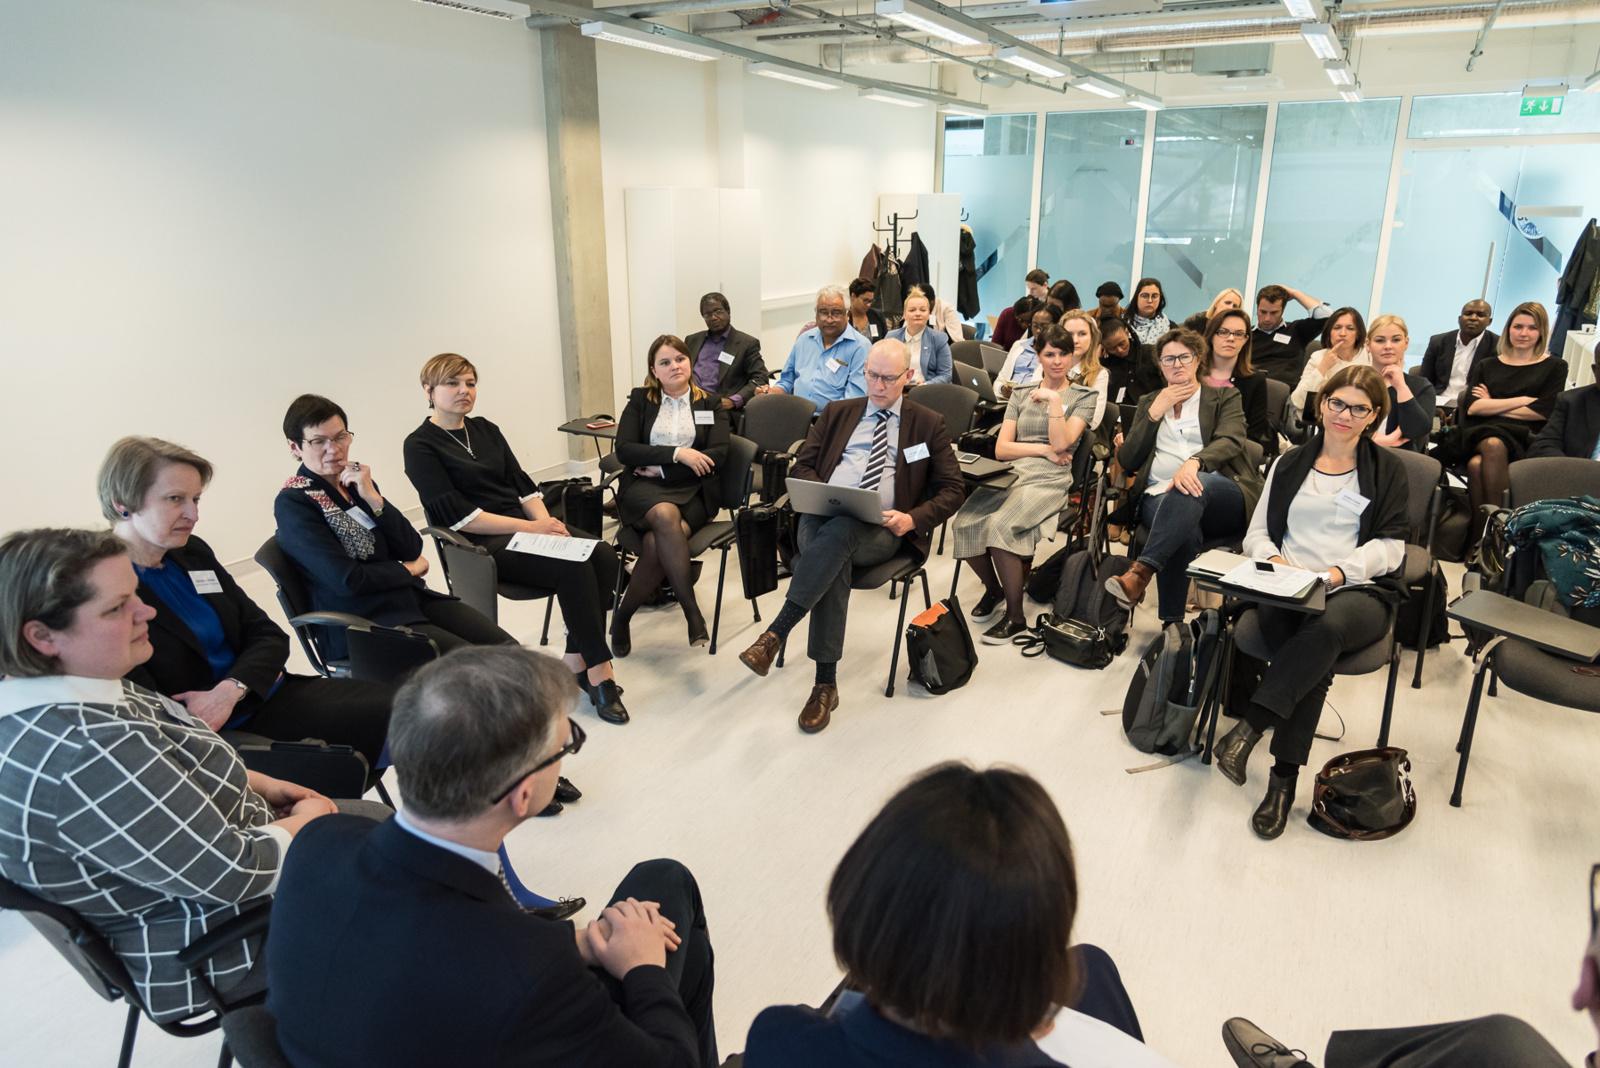 Baltijos šalių universitetai sutaria: lyderystės ir profesionalumo stiprinimas mokslinių tyrimų valdymo srityje – būtinas